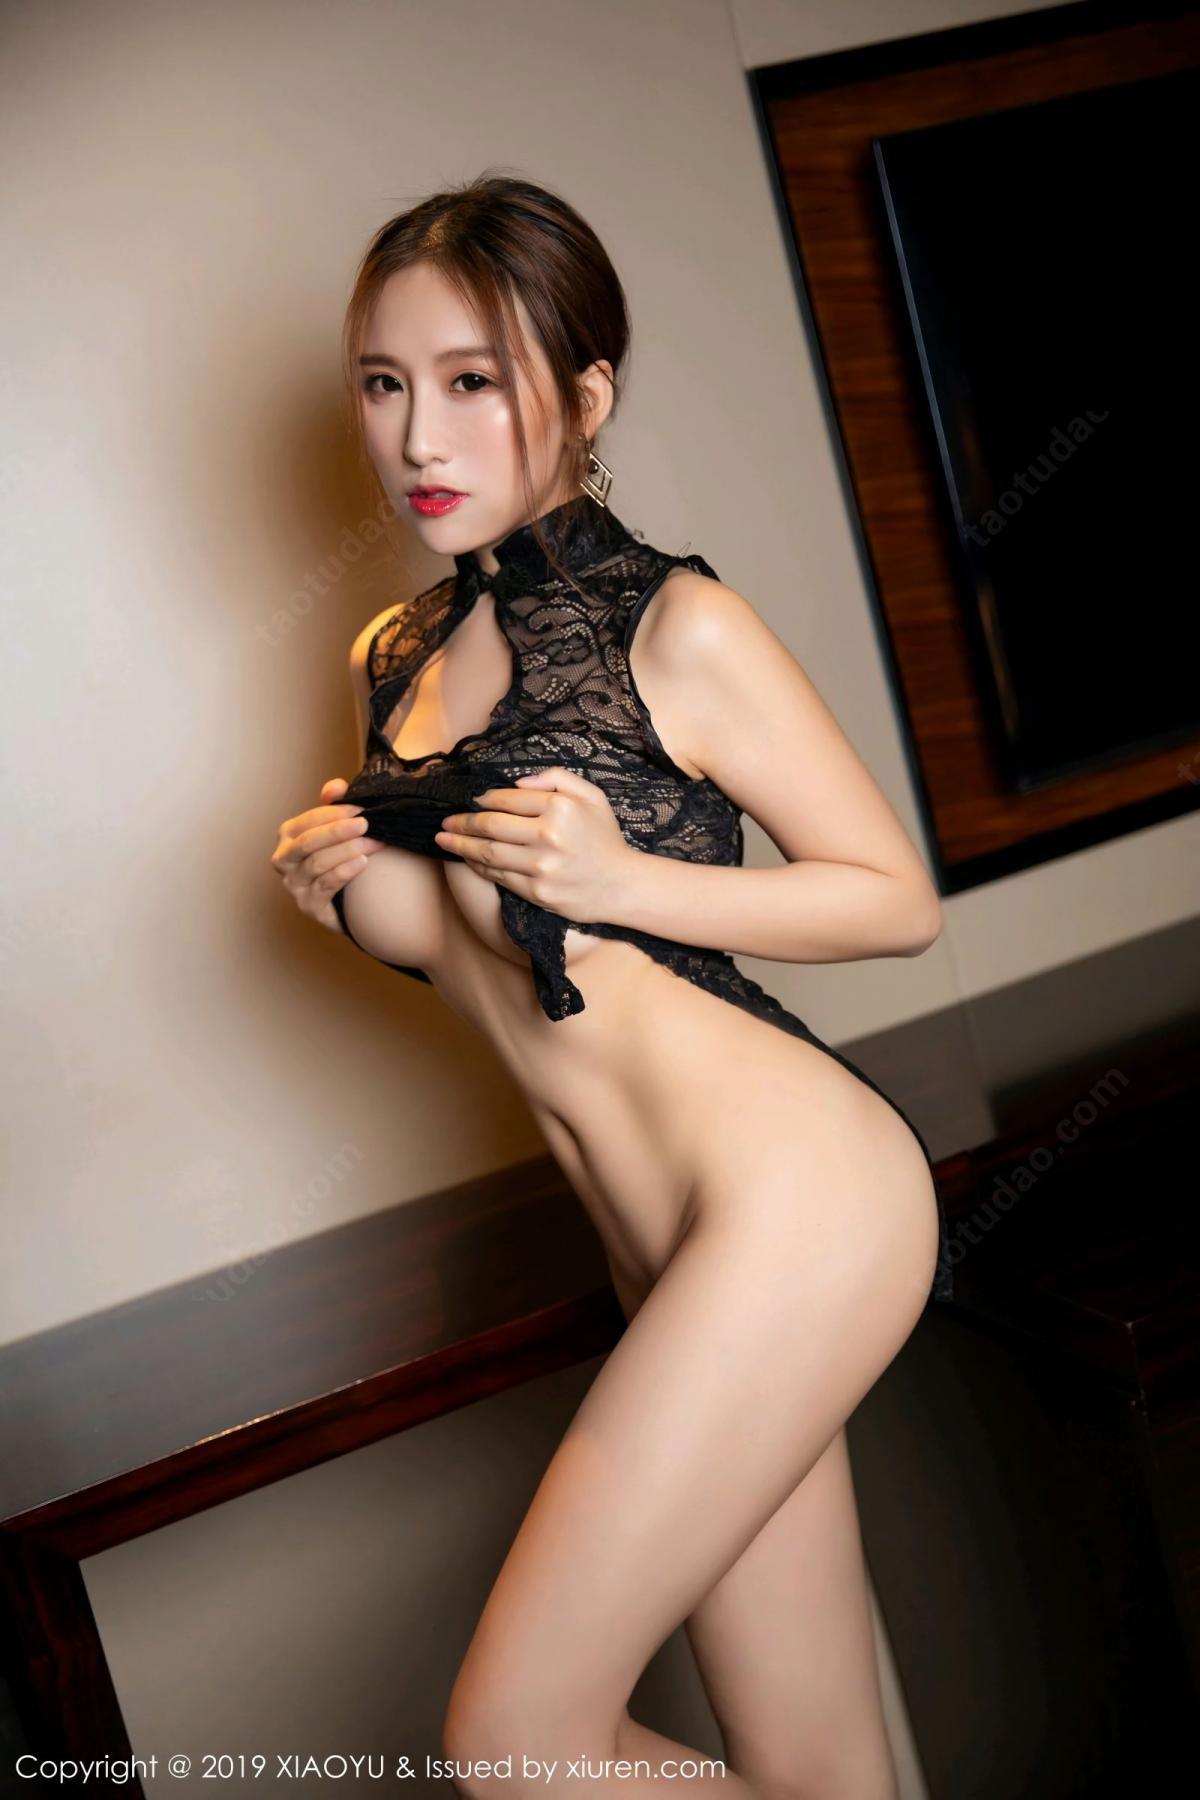 [XiaoYu] Vol.108 Yue Yin Tong 21P, Underwear, XiaoYu, Yue Yin Tong